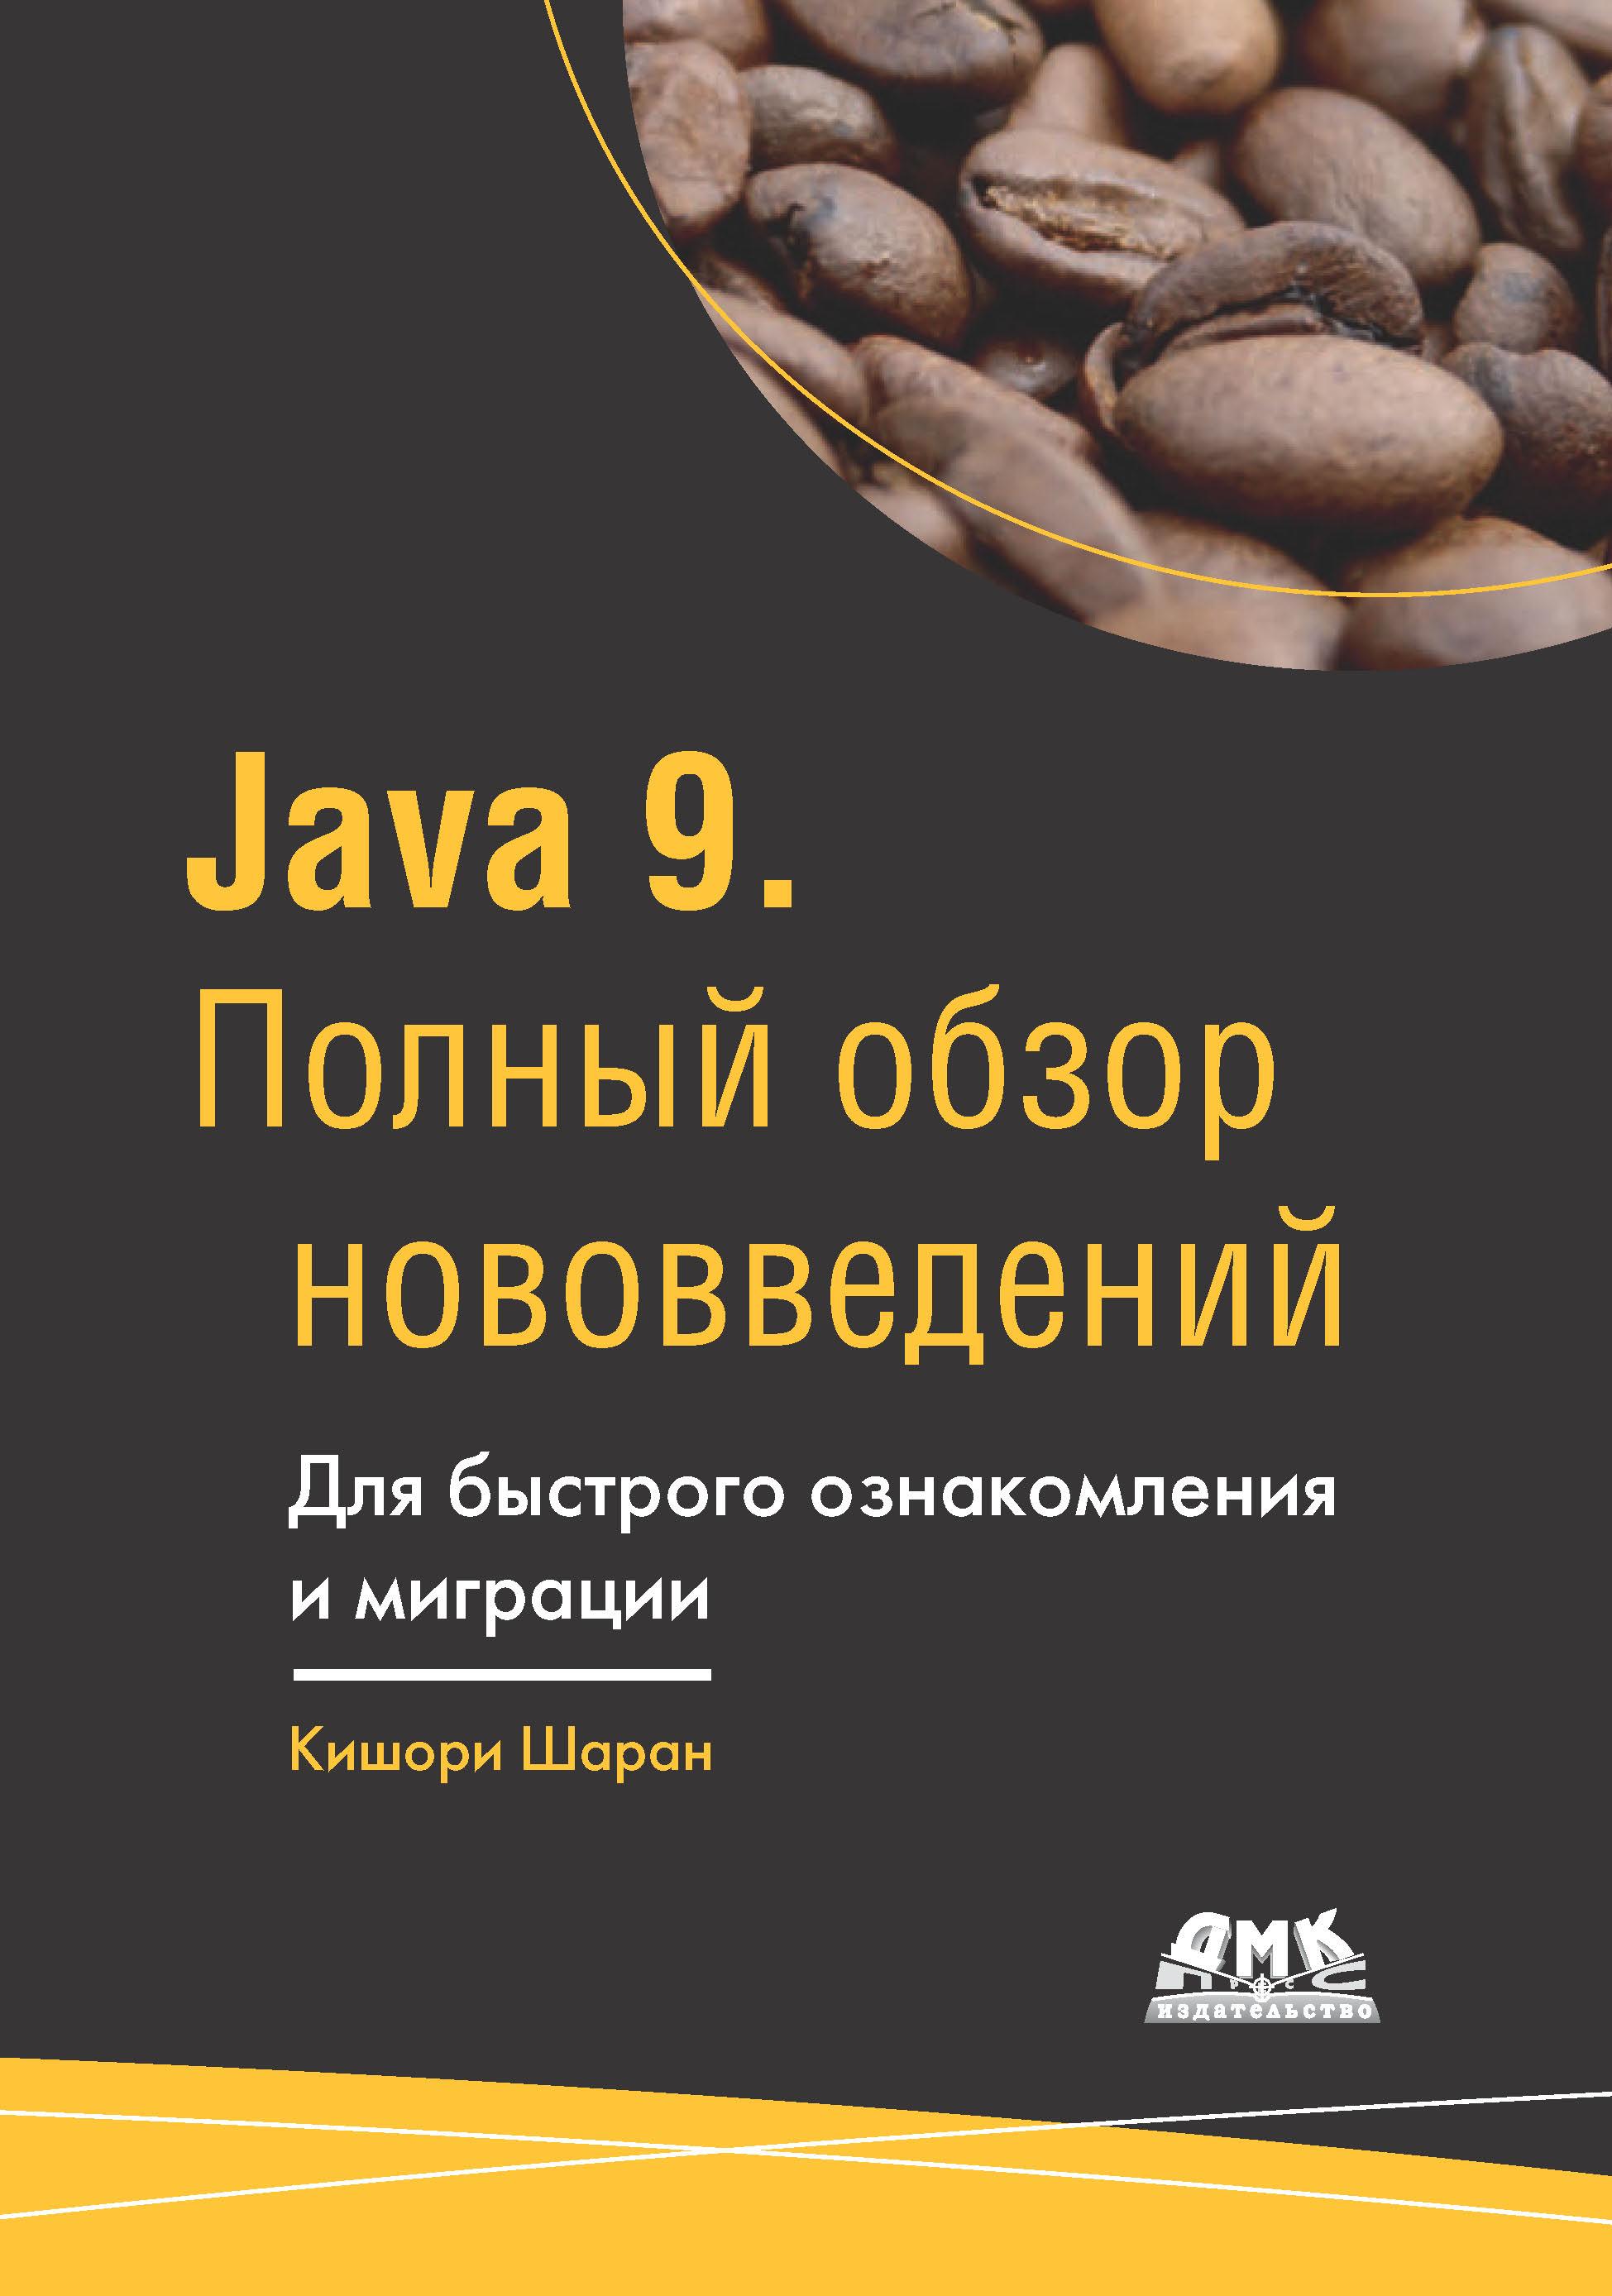 Java 9. Полный обзор нововведений. Для быстрого ознакомления и миграции